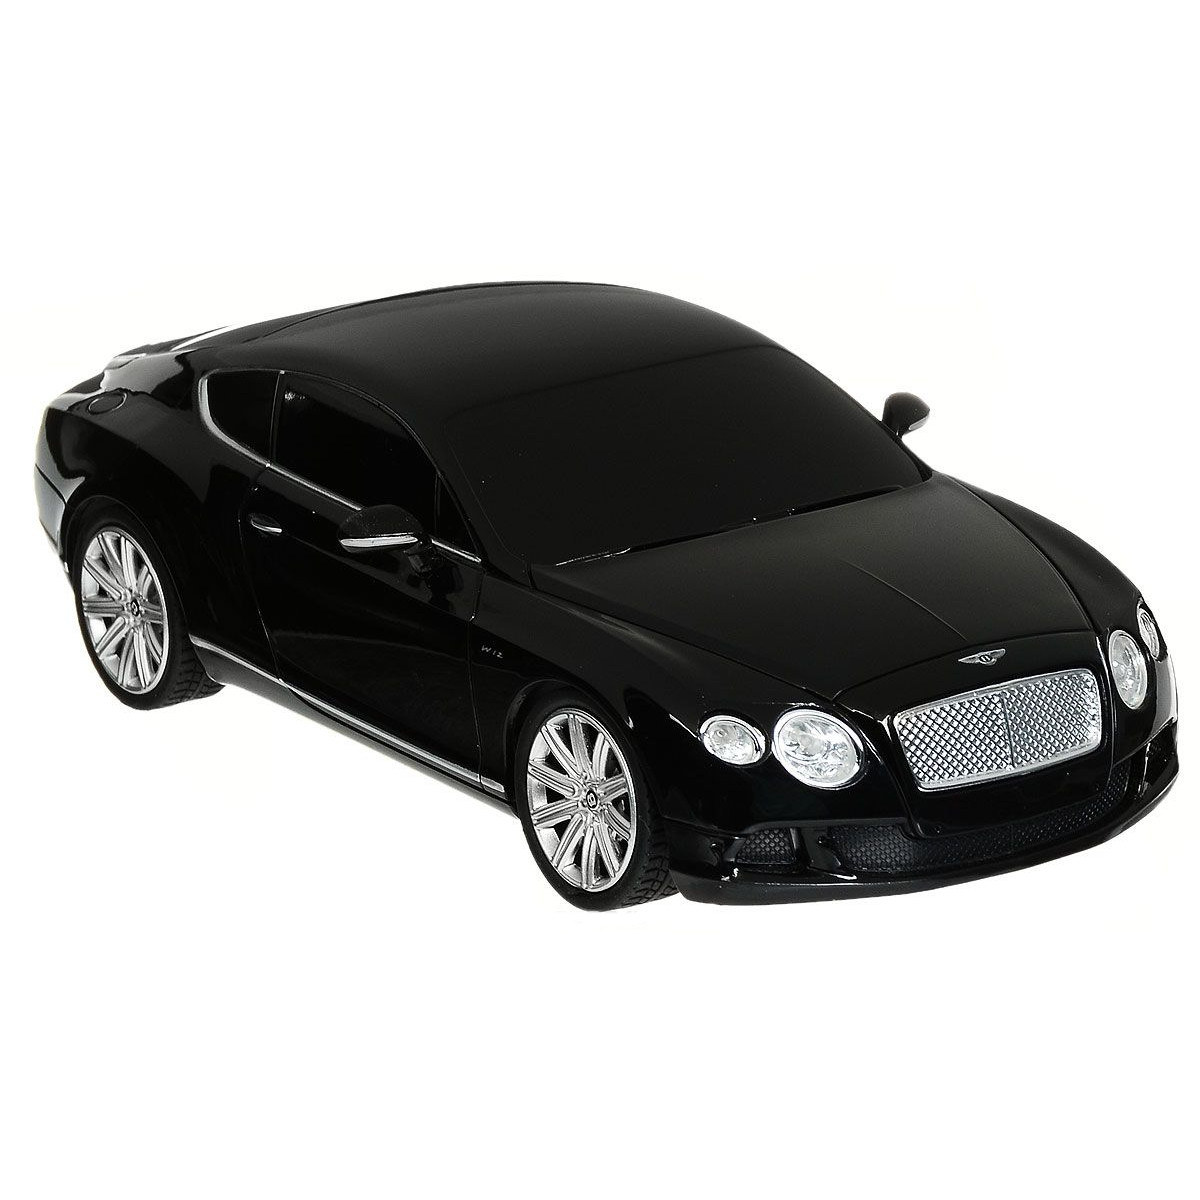 картинка Радиоуправляемая машина - Bentley Continental GT Speed, цвет черный, 1:24, 27MHZ от магазина Bebikam.ru